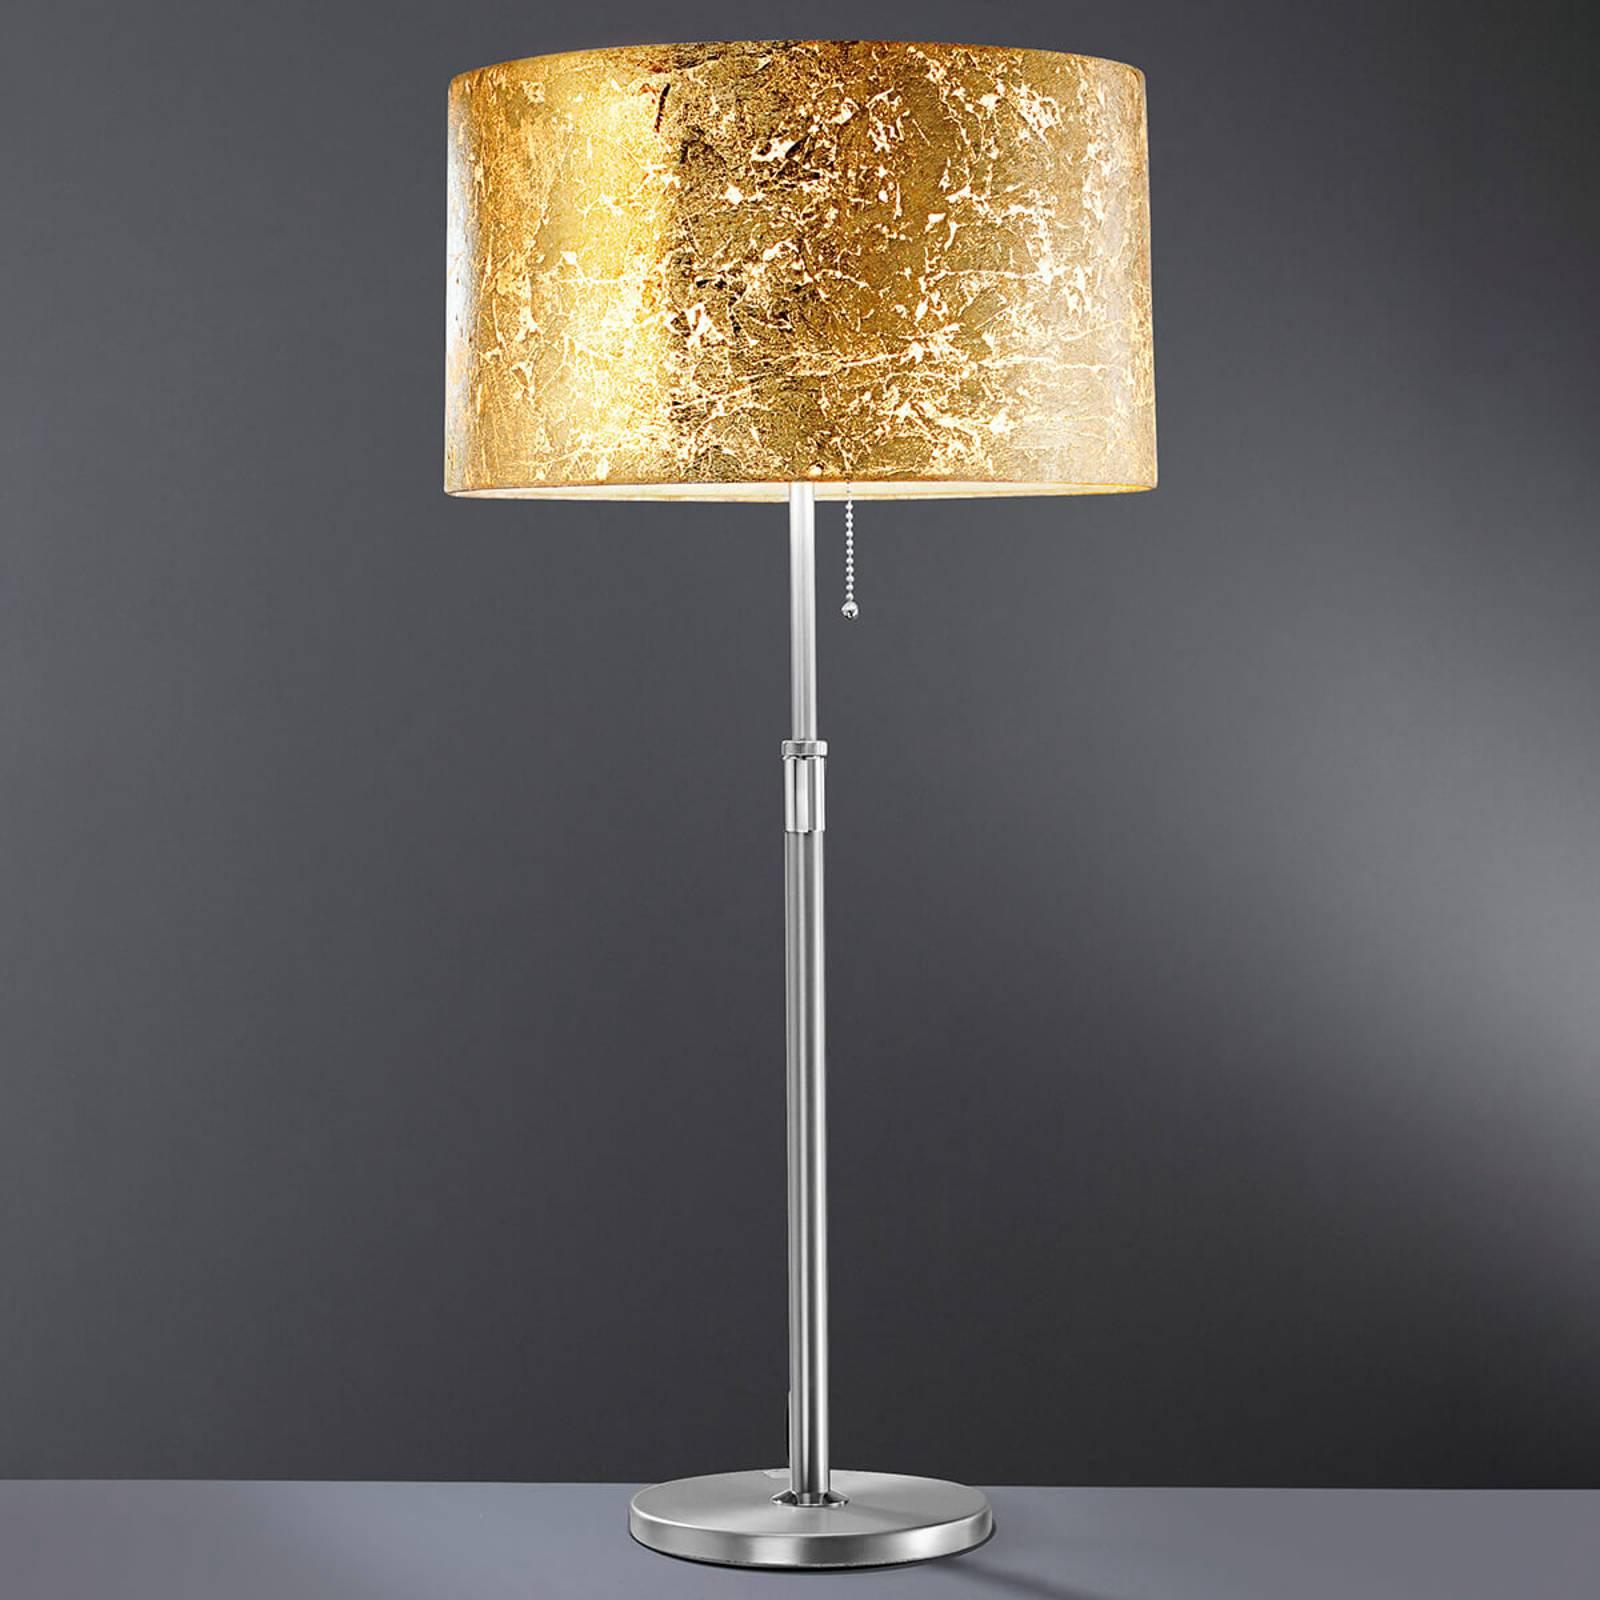 Loop - tafellamp met bladgoud